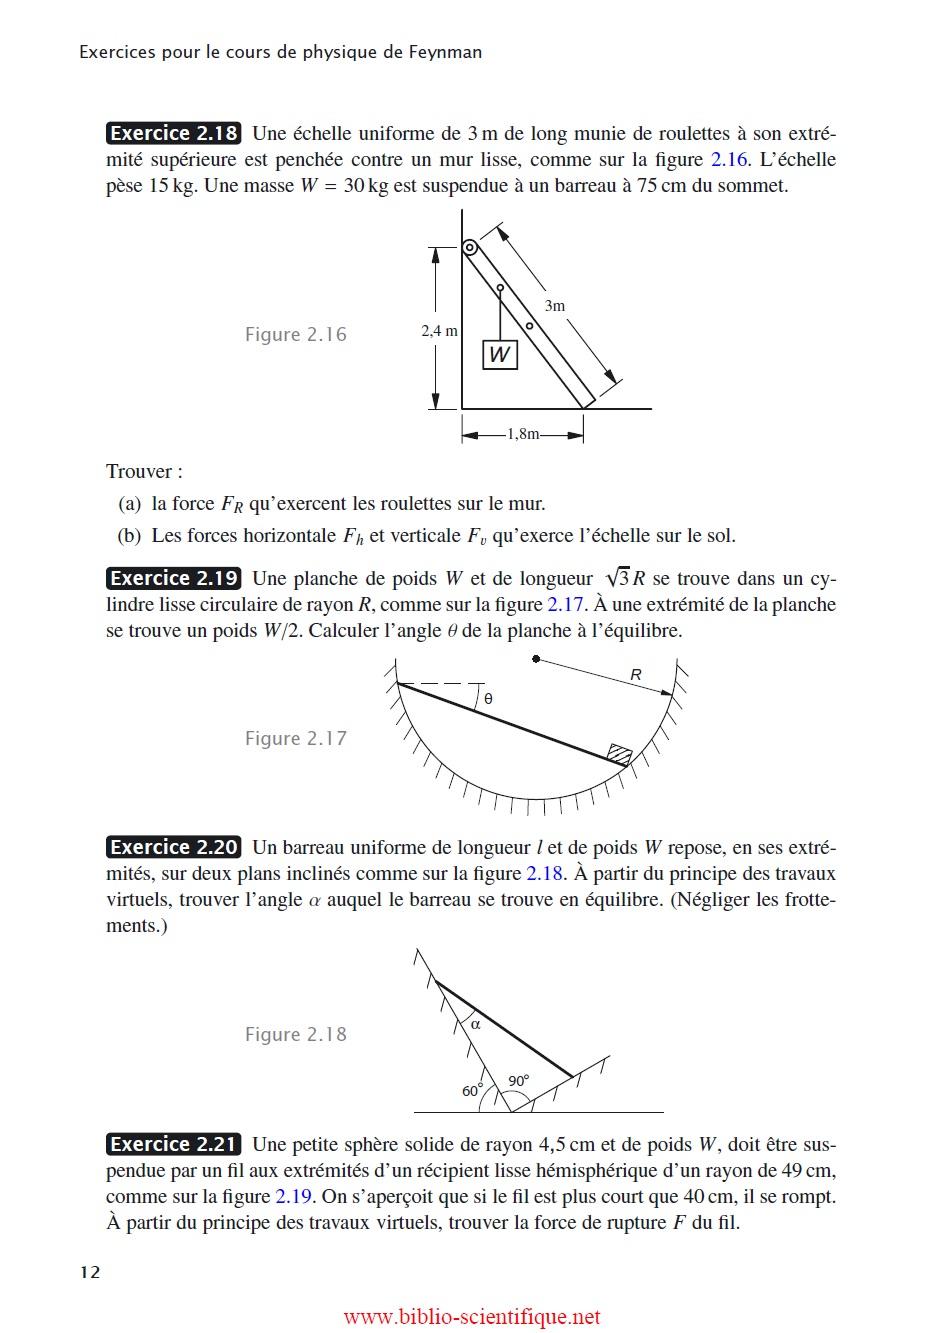 Le Cours de physique de Feynman lectromagn tisme tome 2